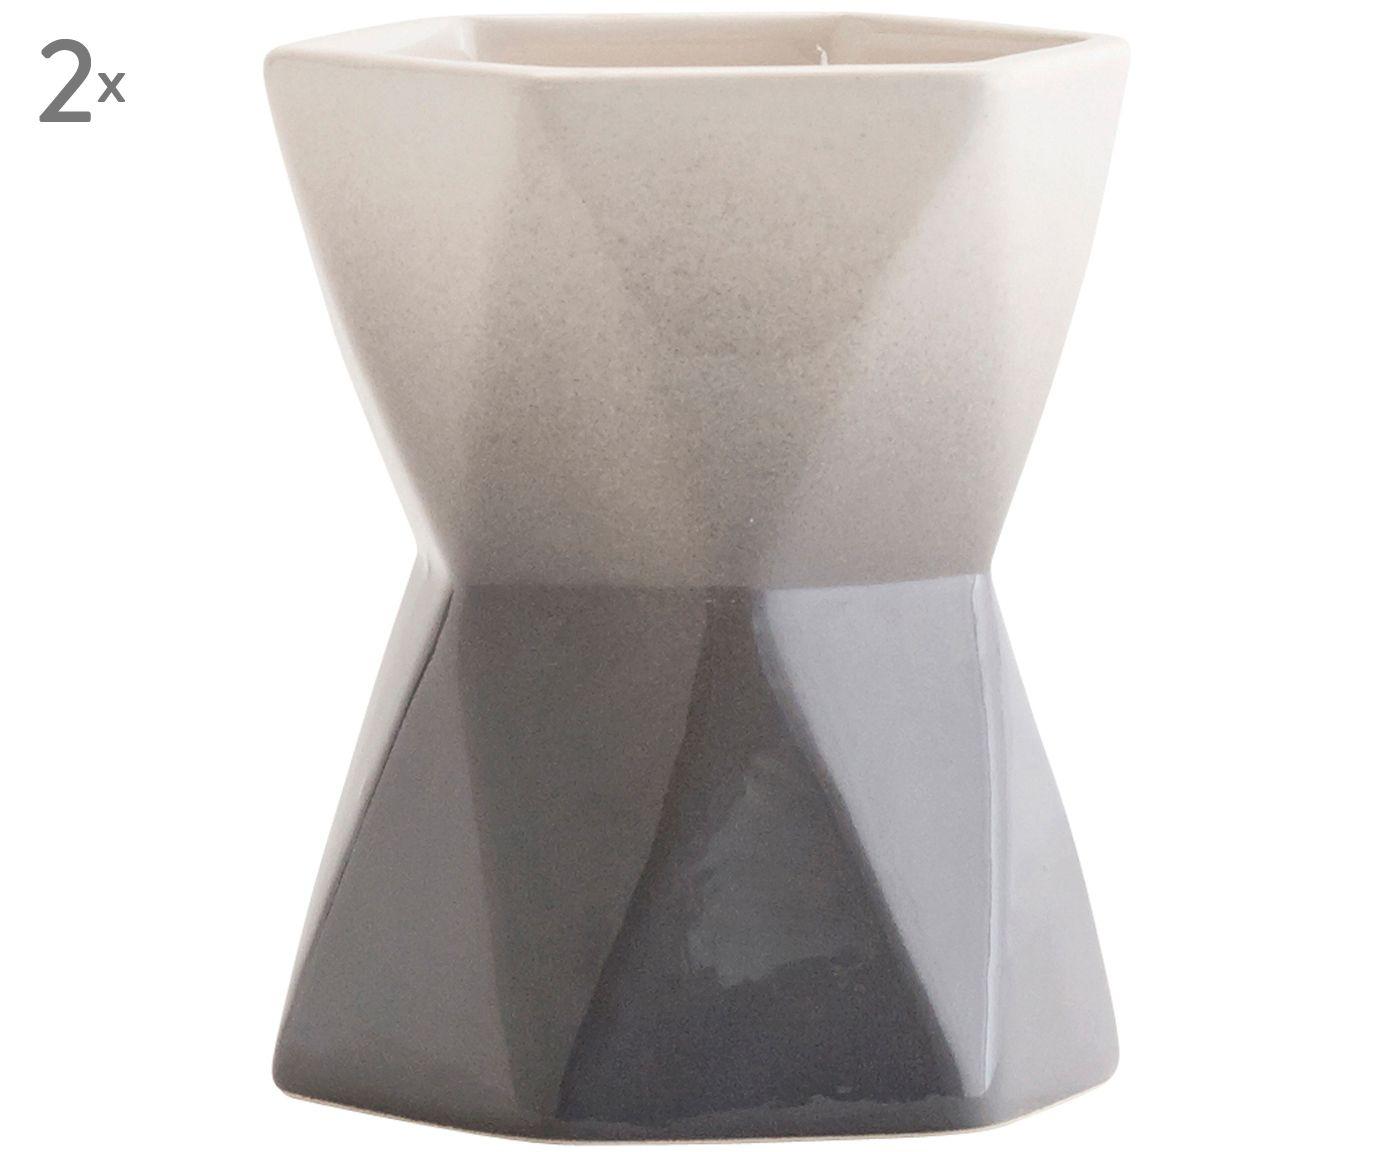 Verführerisch Vase Grau Referenz Von 8€ - Was Für Eine Vase: Und